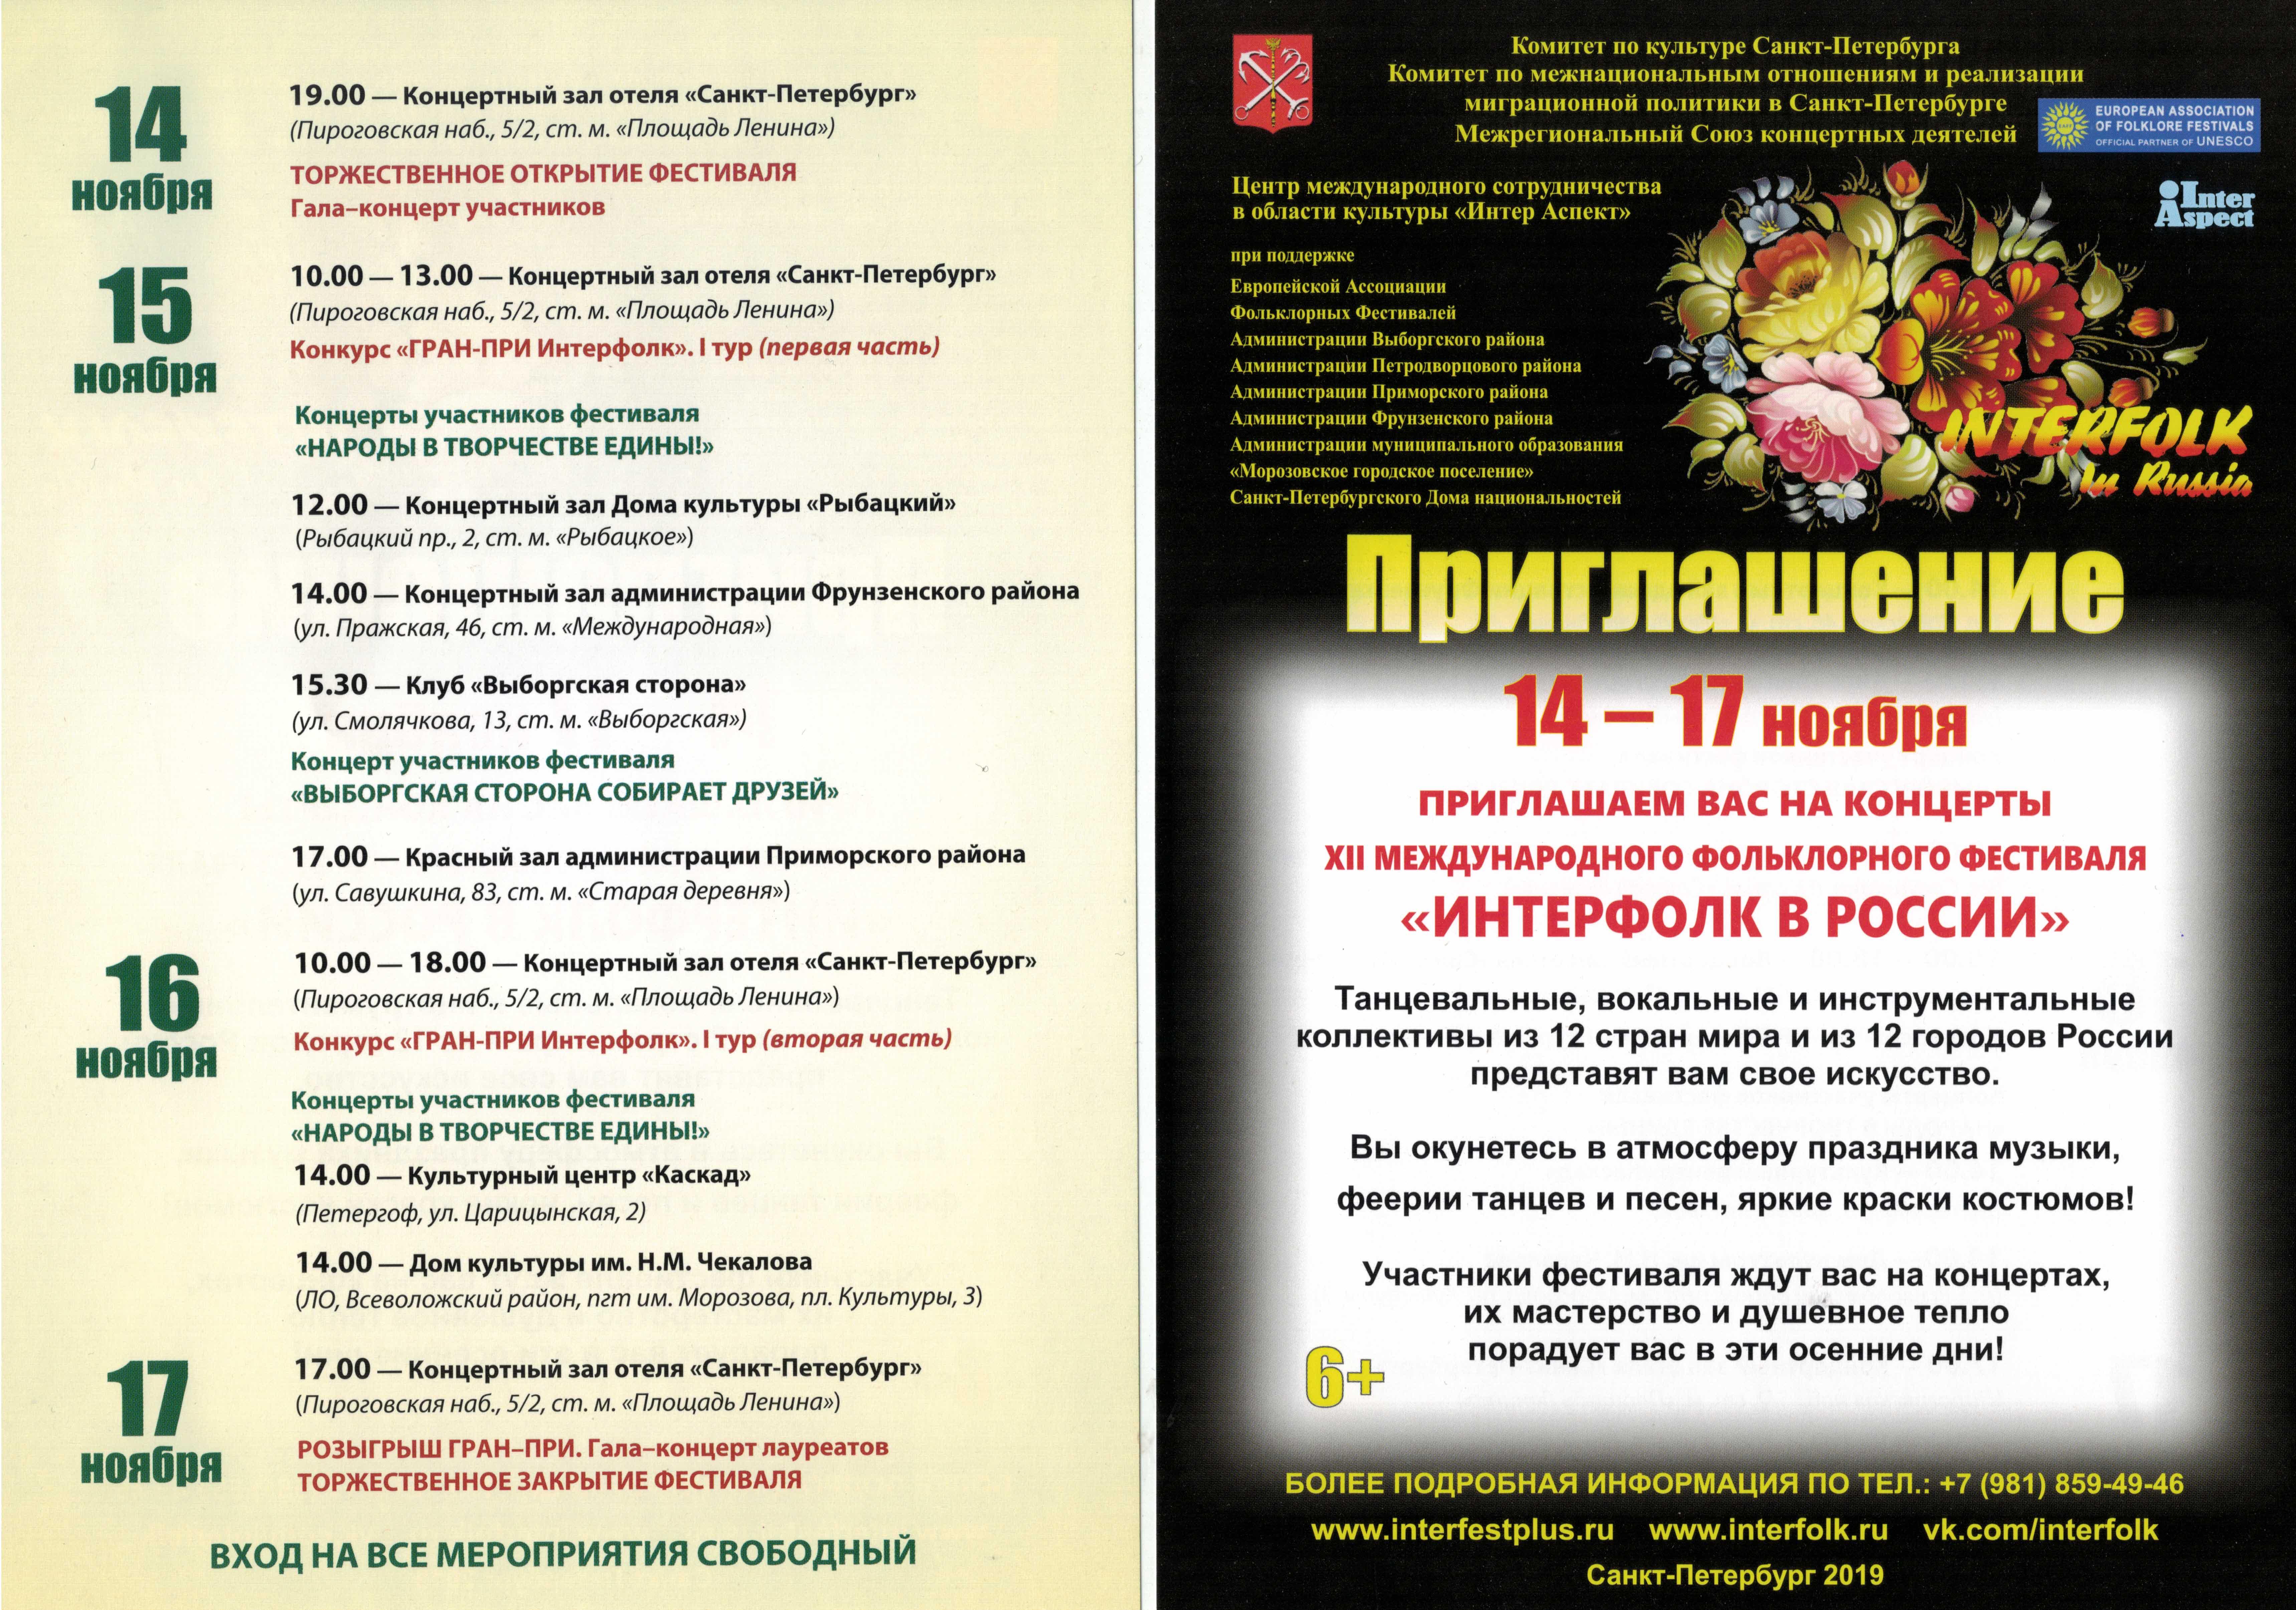 ИНТЕРФОЛК В РОССИИ 14 – 17 НОЯБРЯ